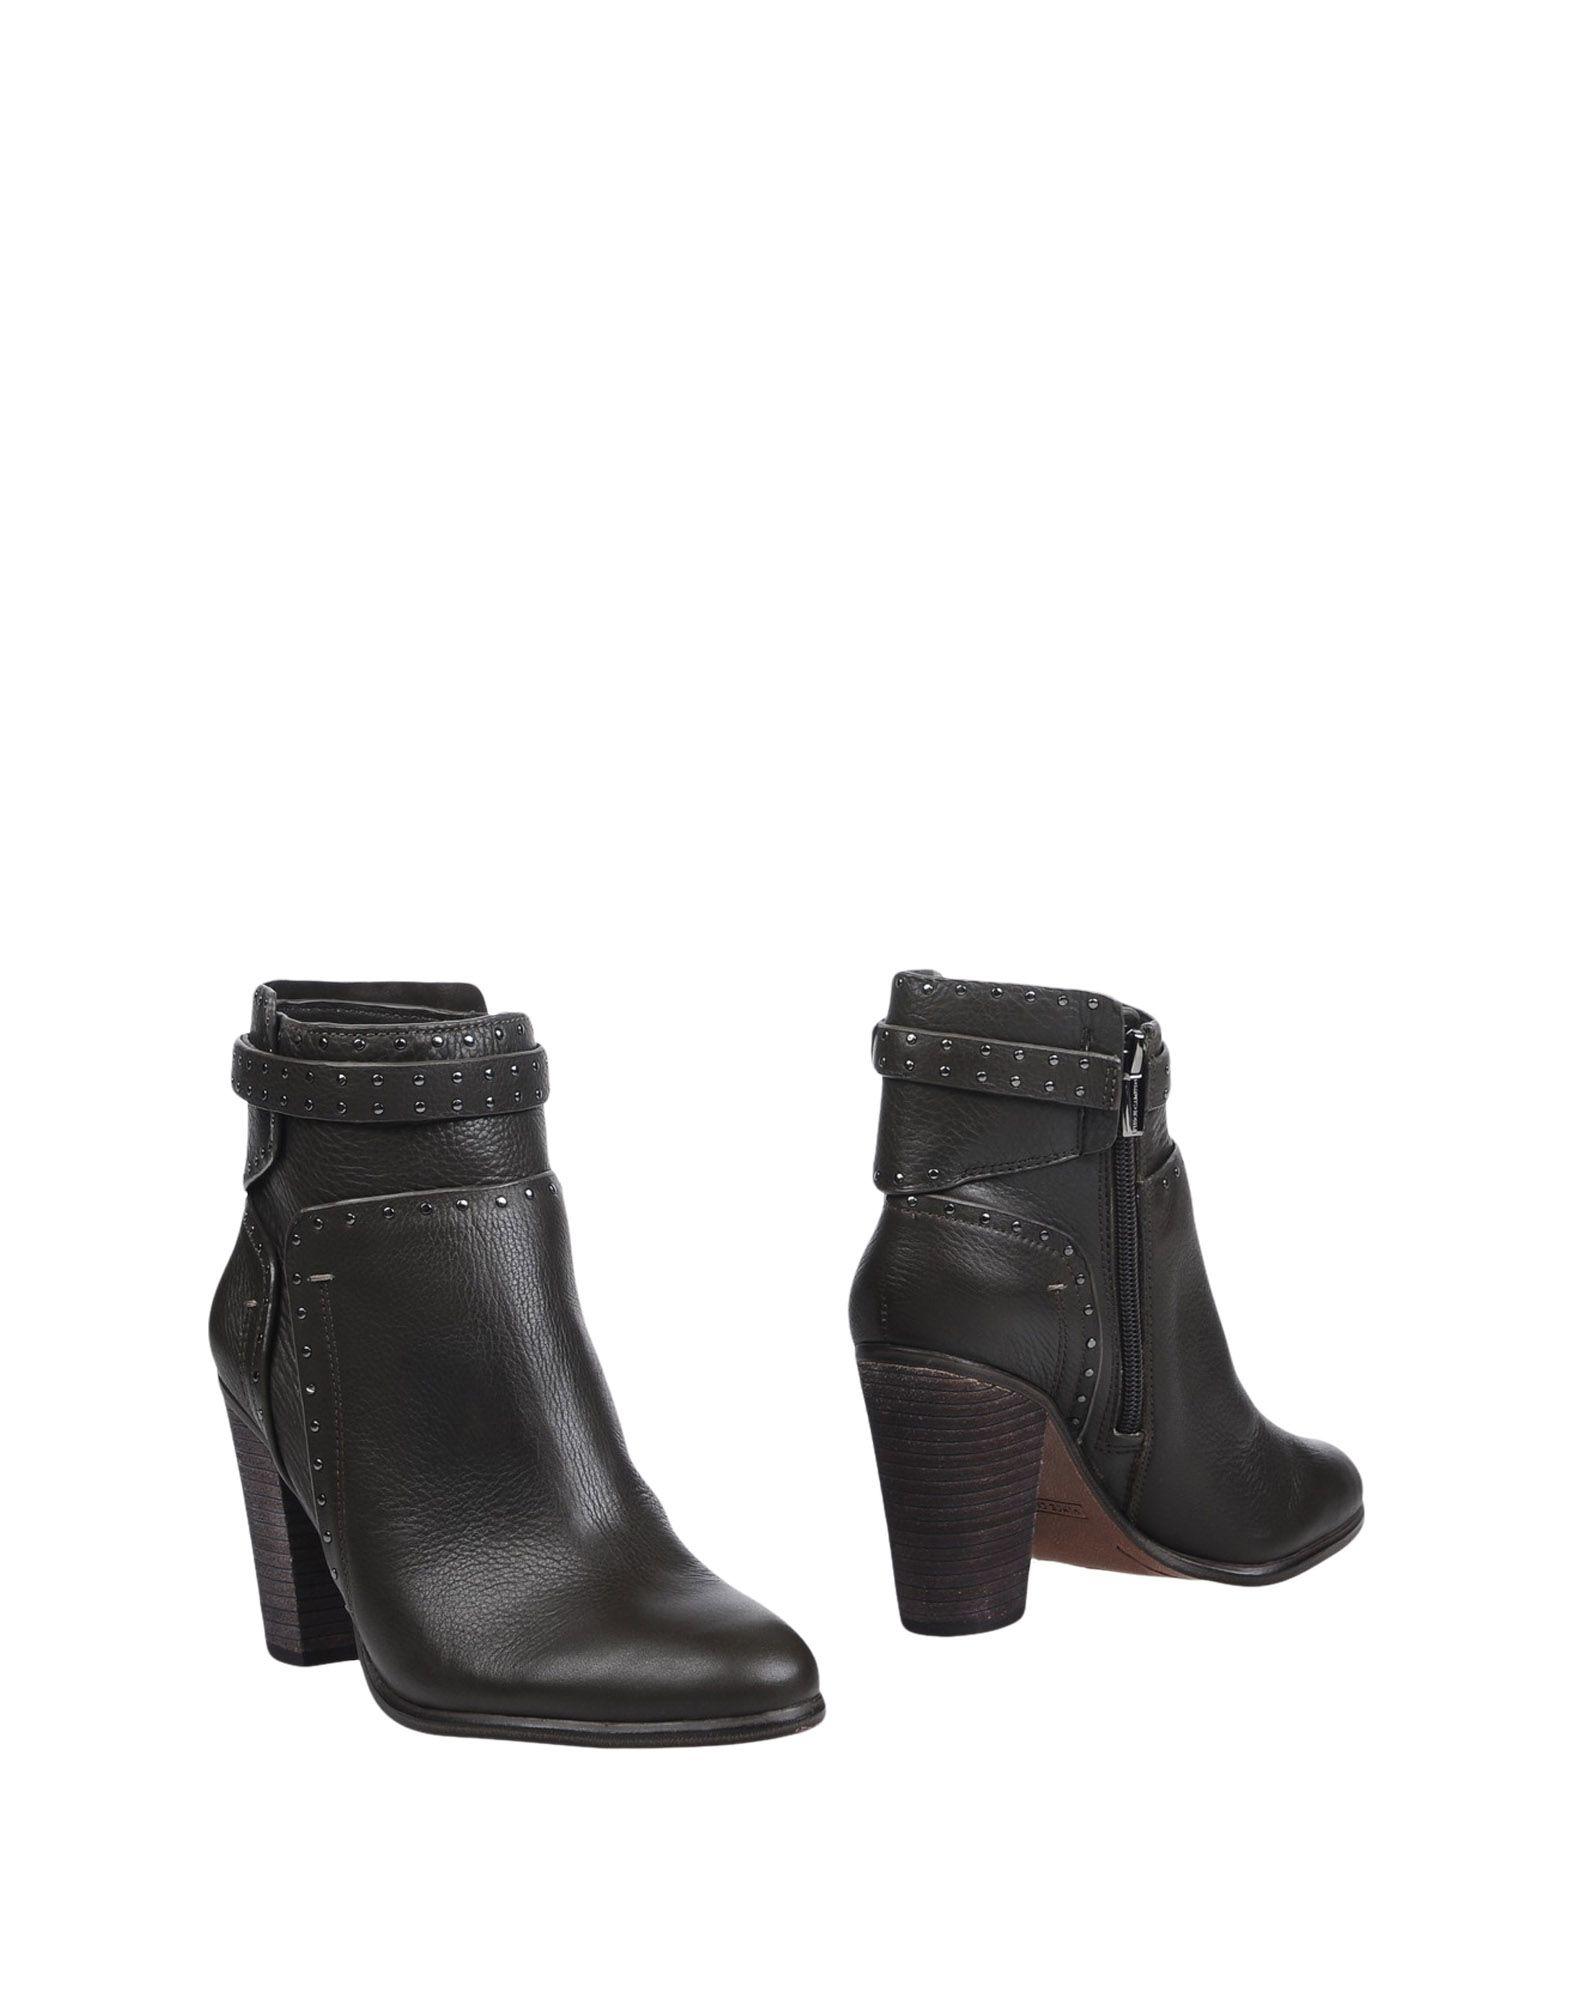 Vince Camuto Stiefelette Damen  11252931NU Gute Qualität beliebte Schuhe